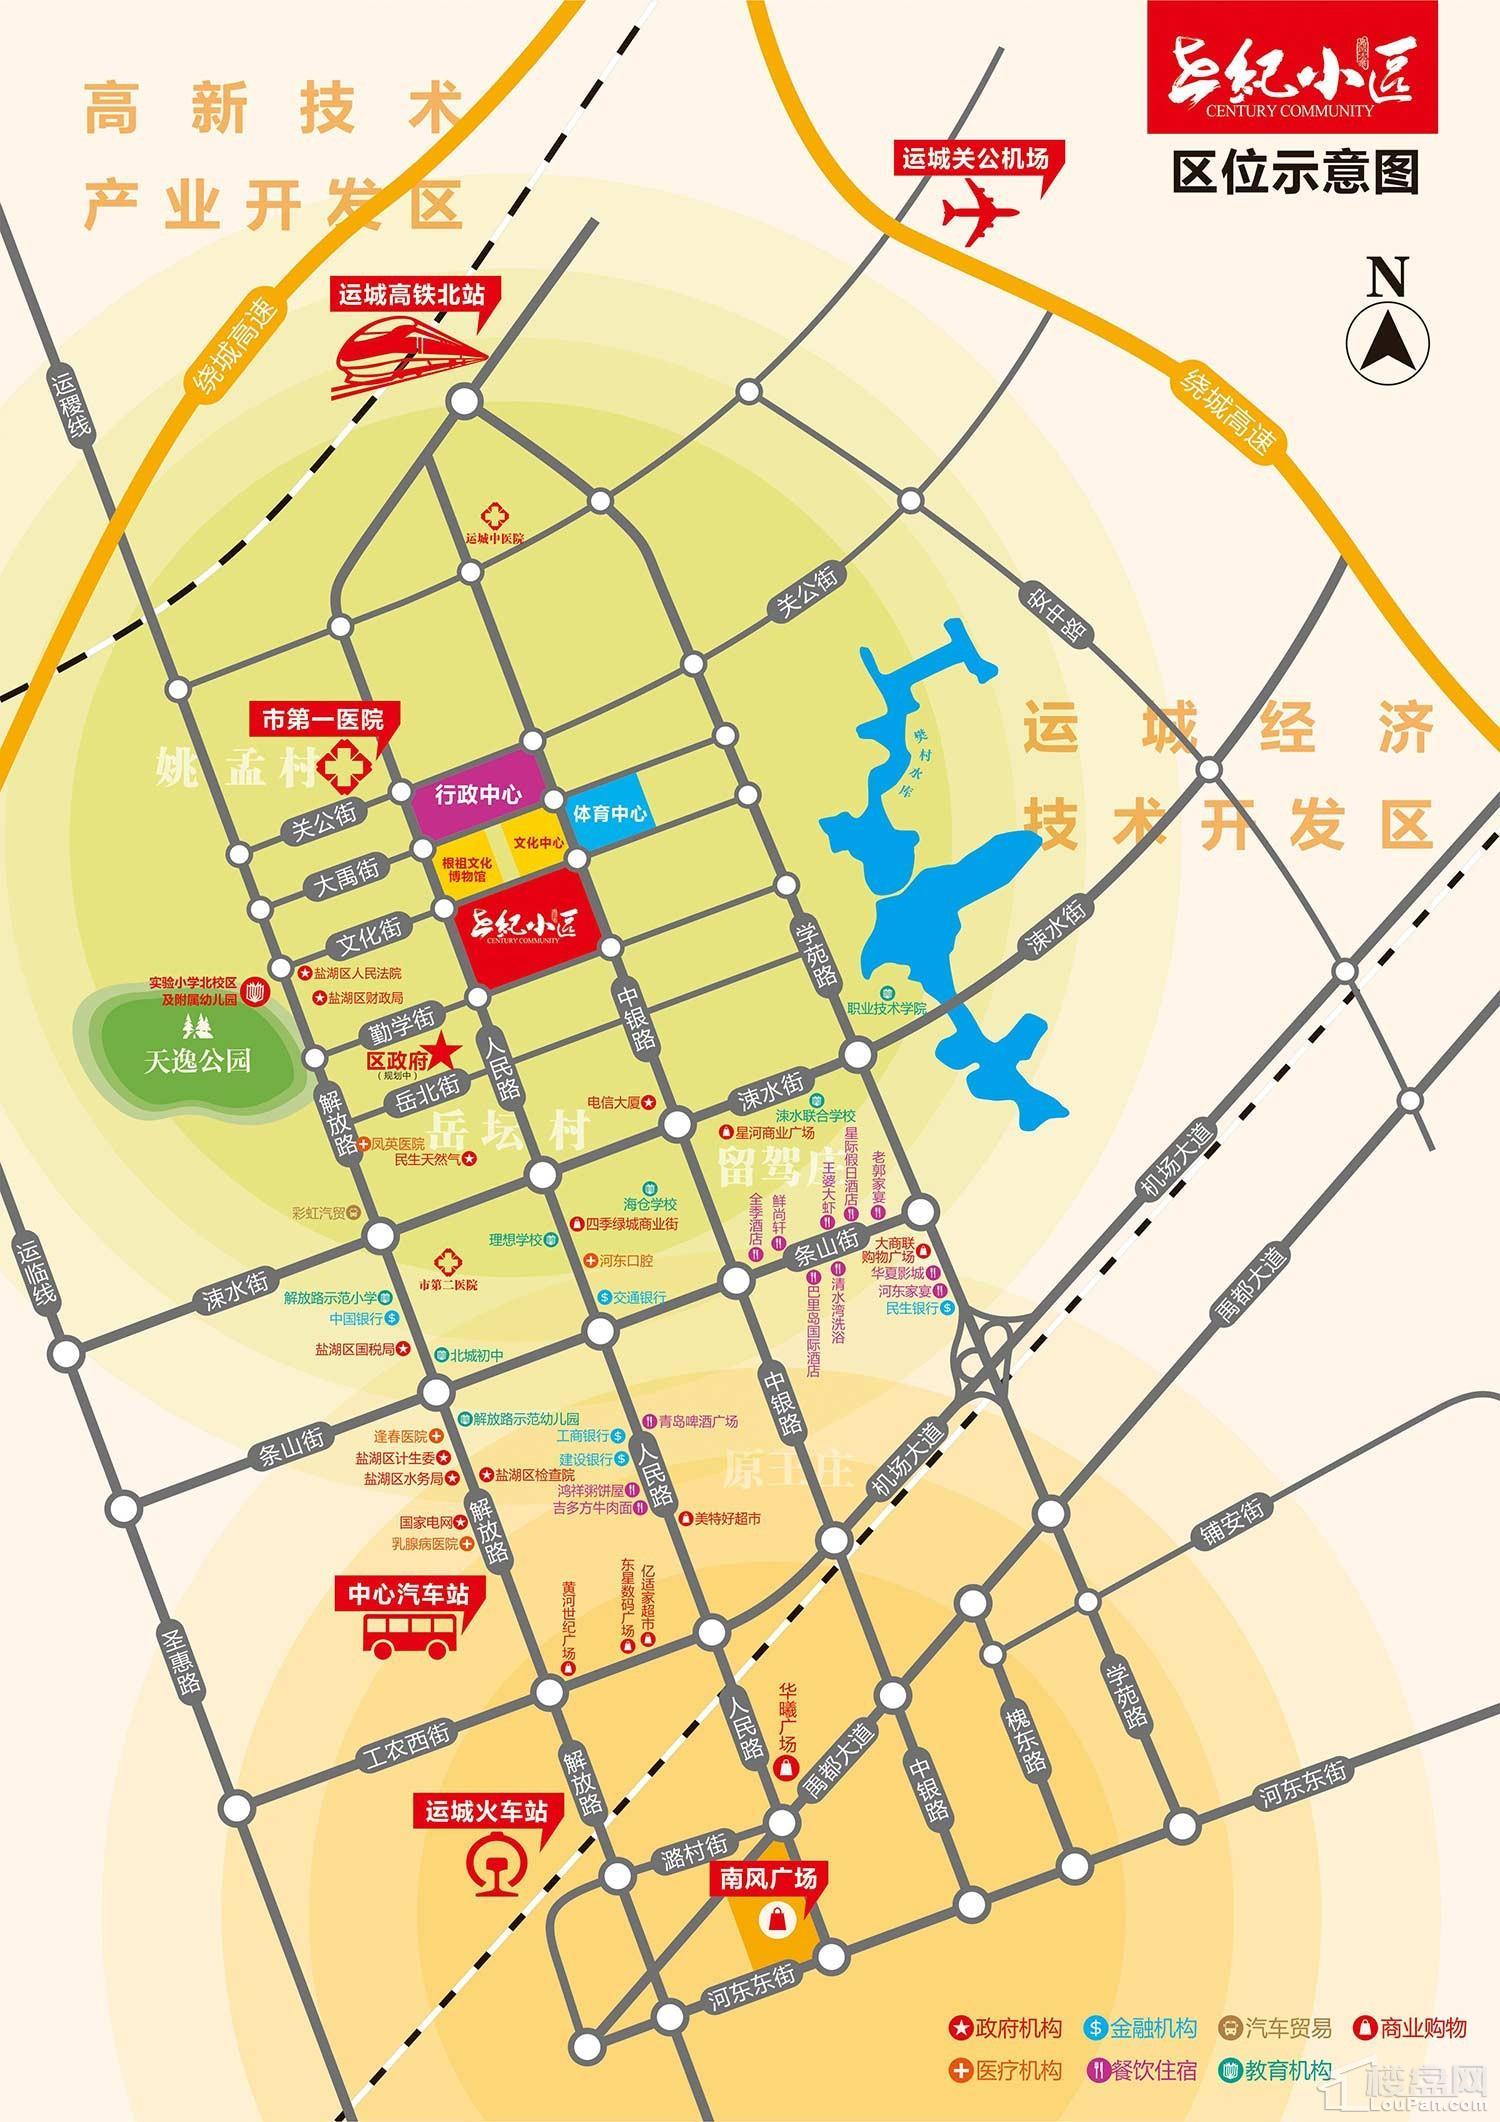 世纪小区位置图